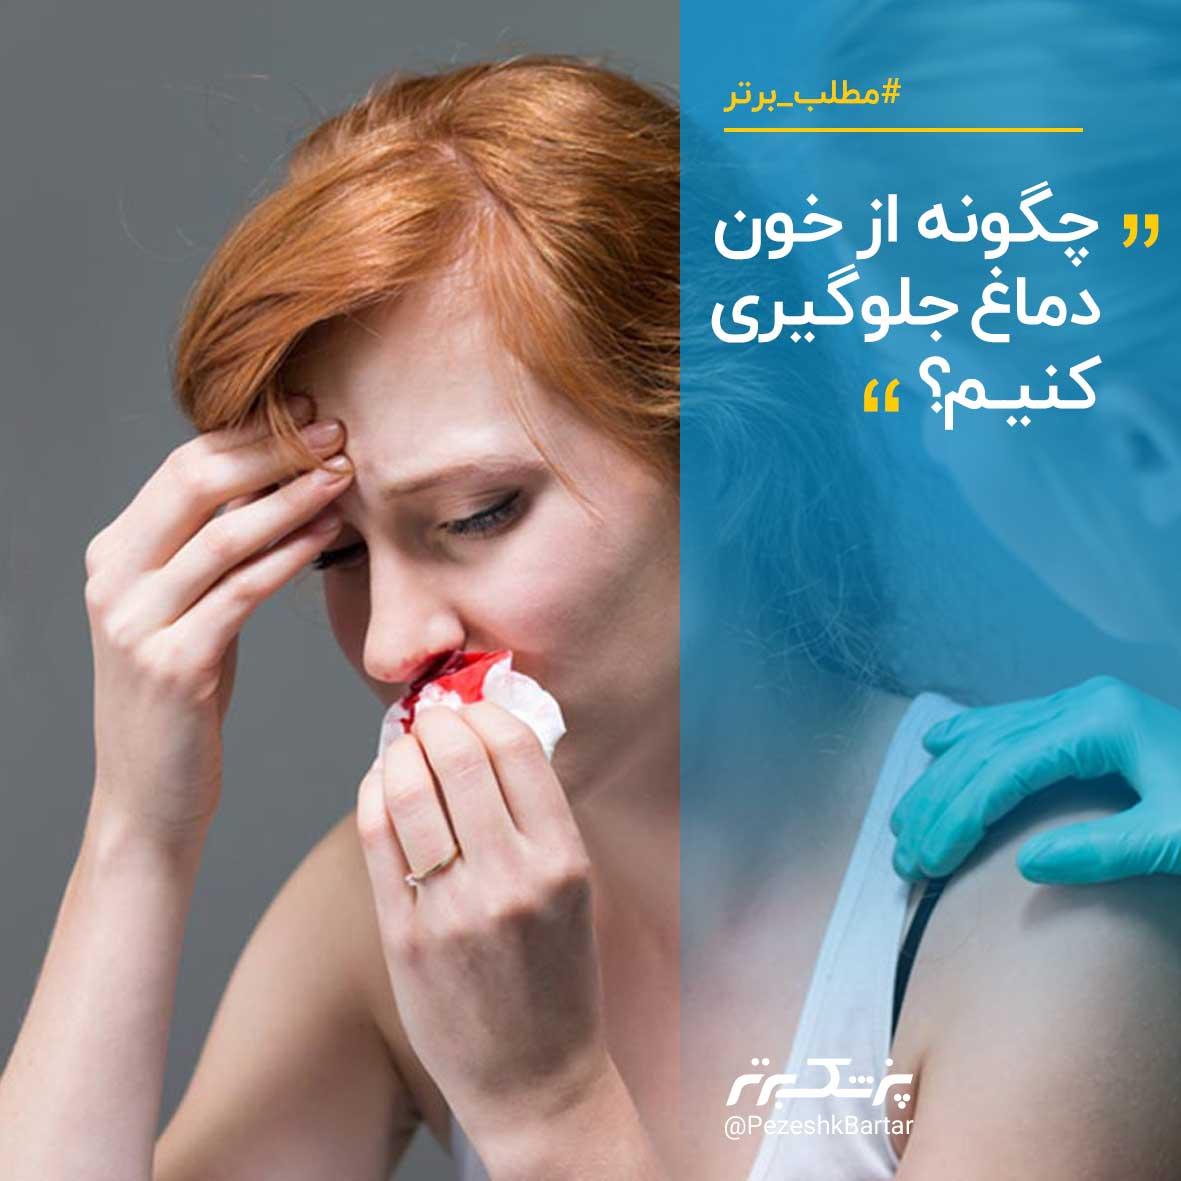 چگونه از خونریزی بینی یا خون دماغ جلوگیری کنیم؟